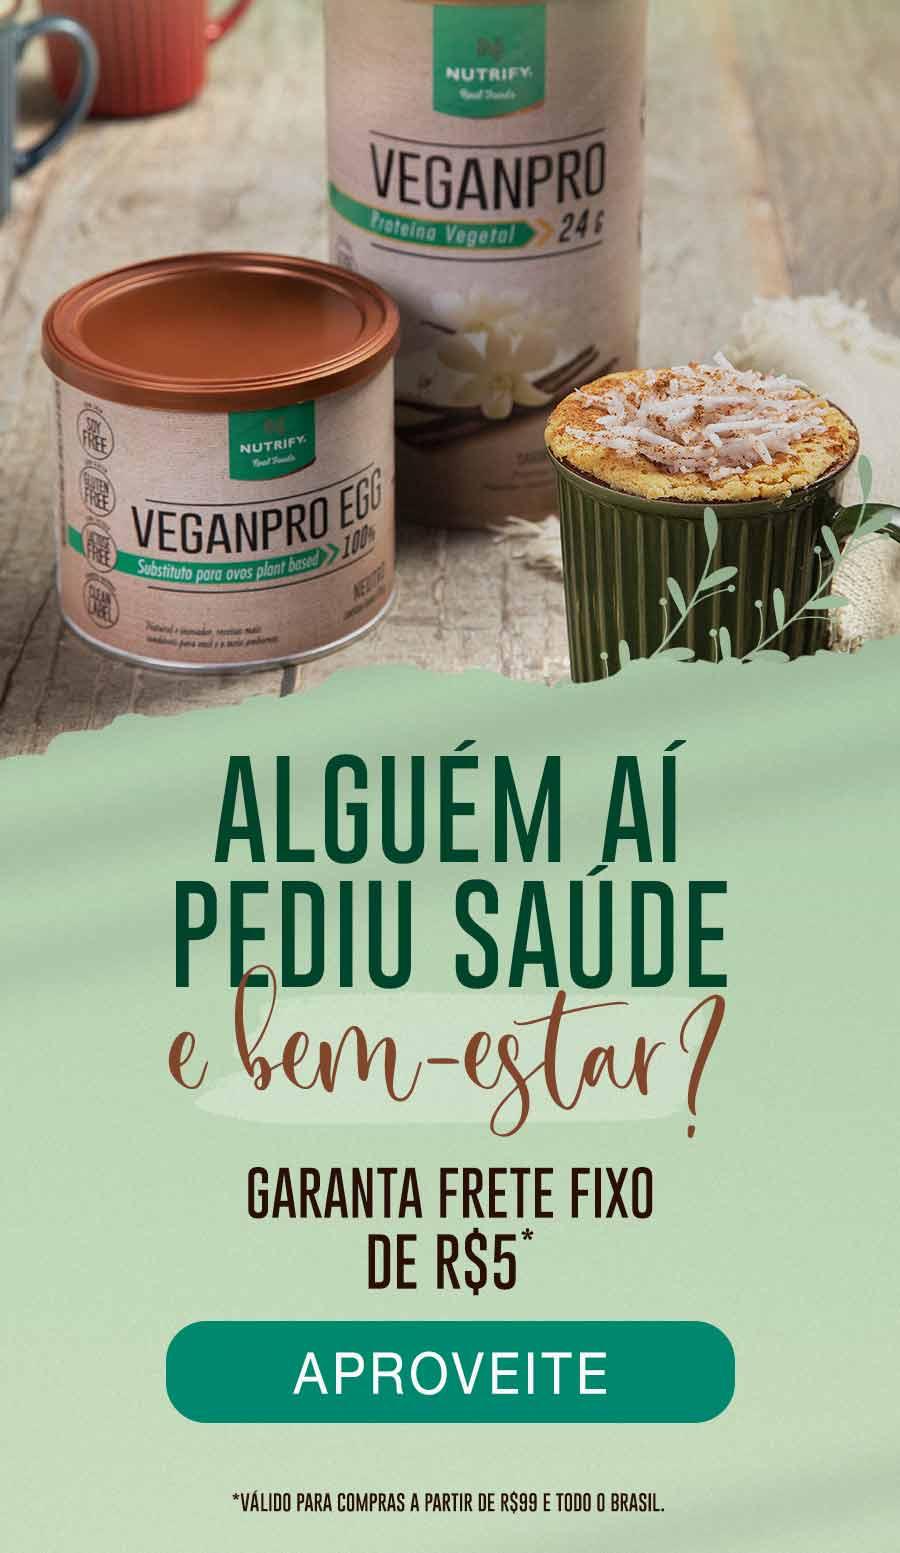 Frete fix de R$5 para compras acima de R$99 para todo o Brasil